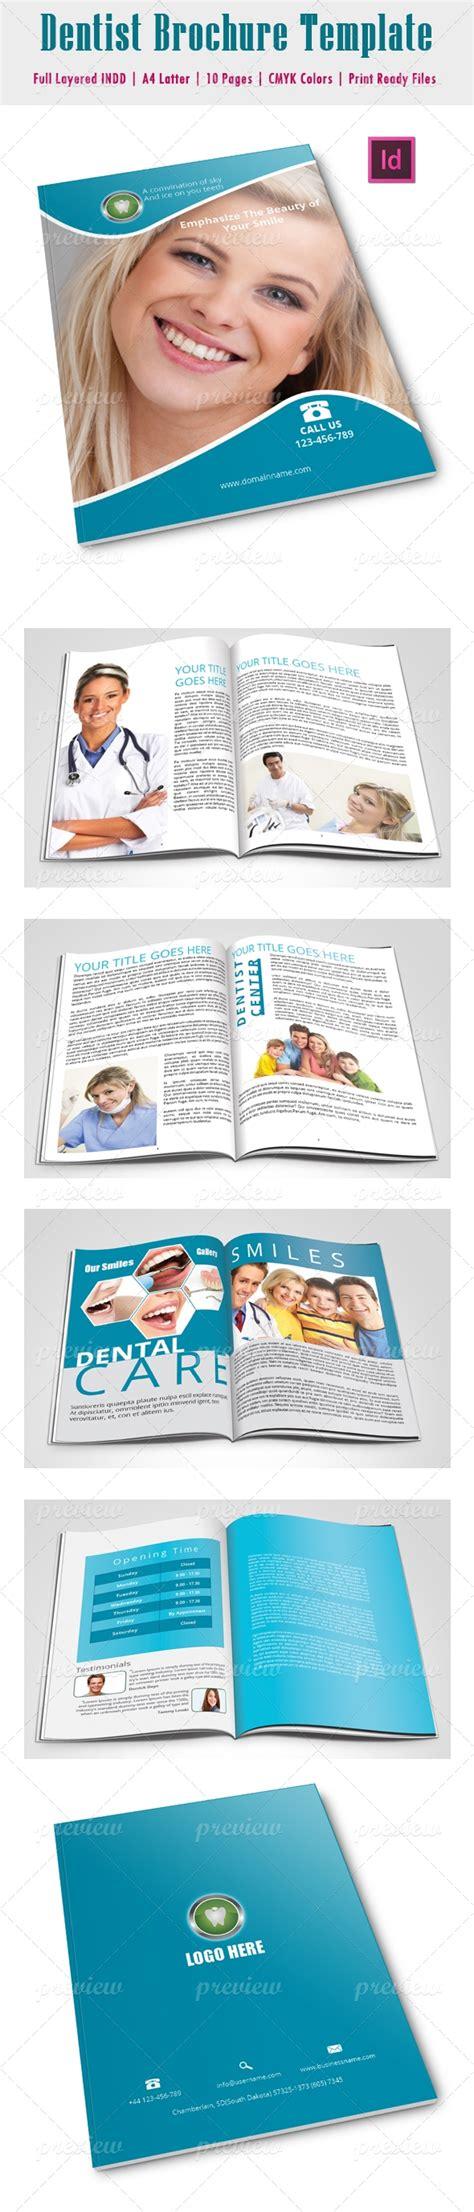 Best Business Card Templates Business Card Designsgreedeals Dental Brochure Template